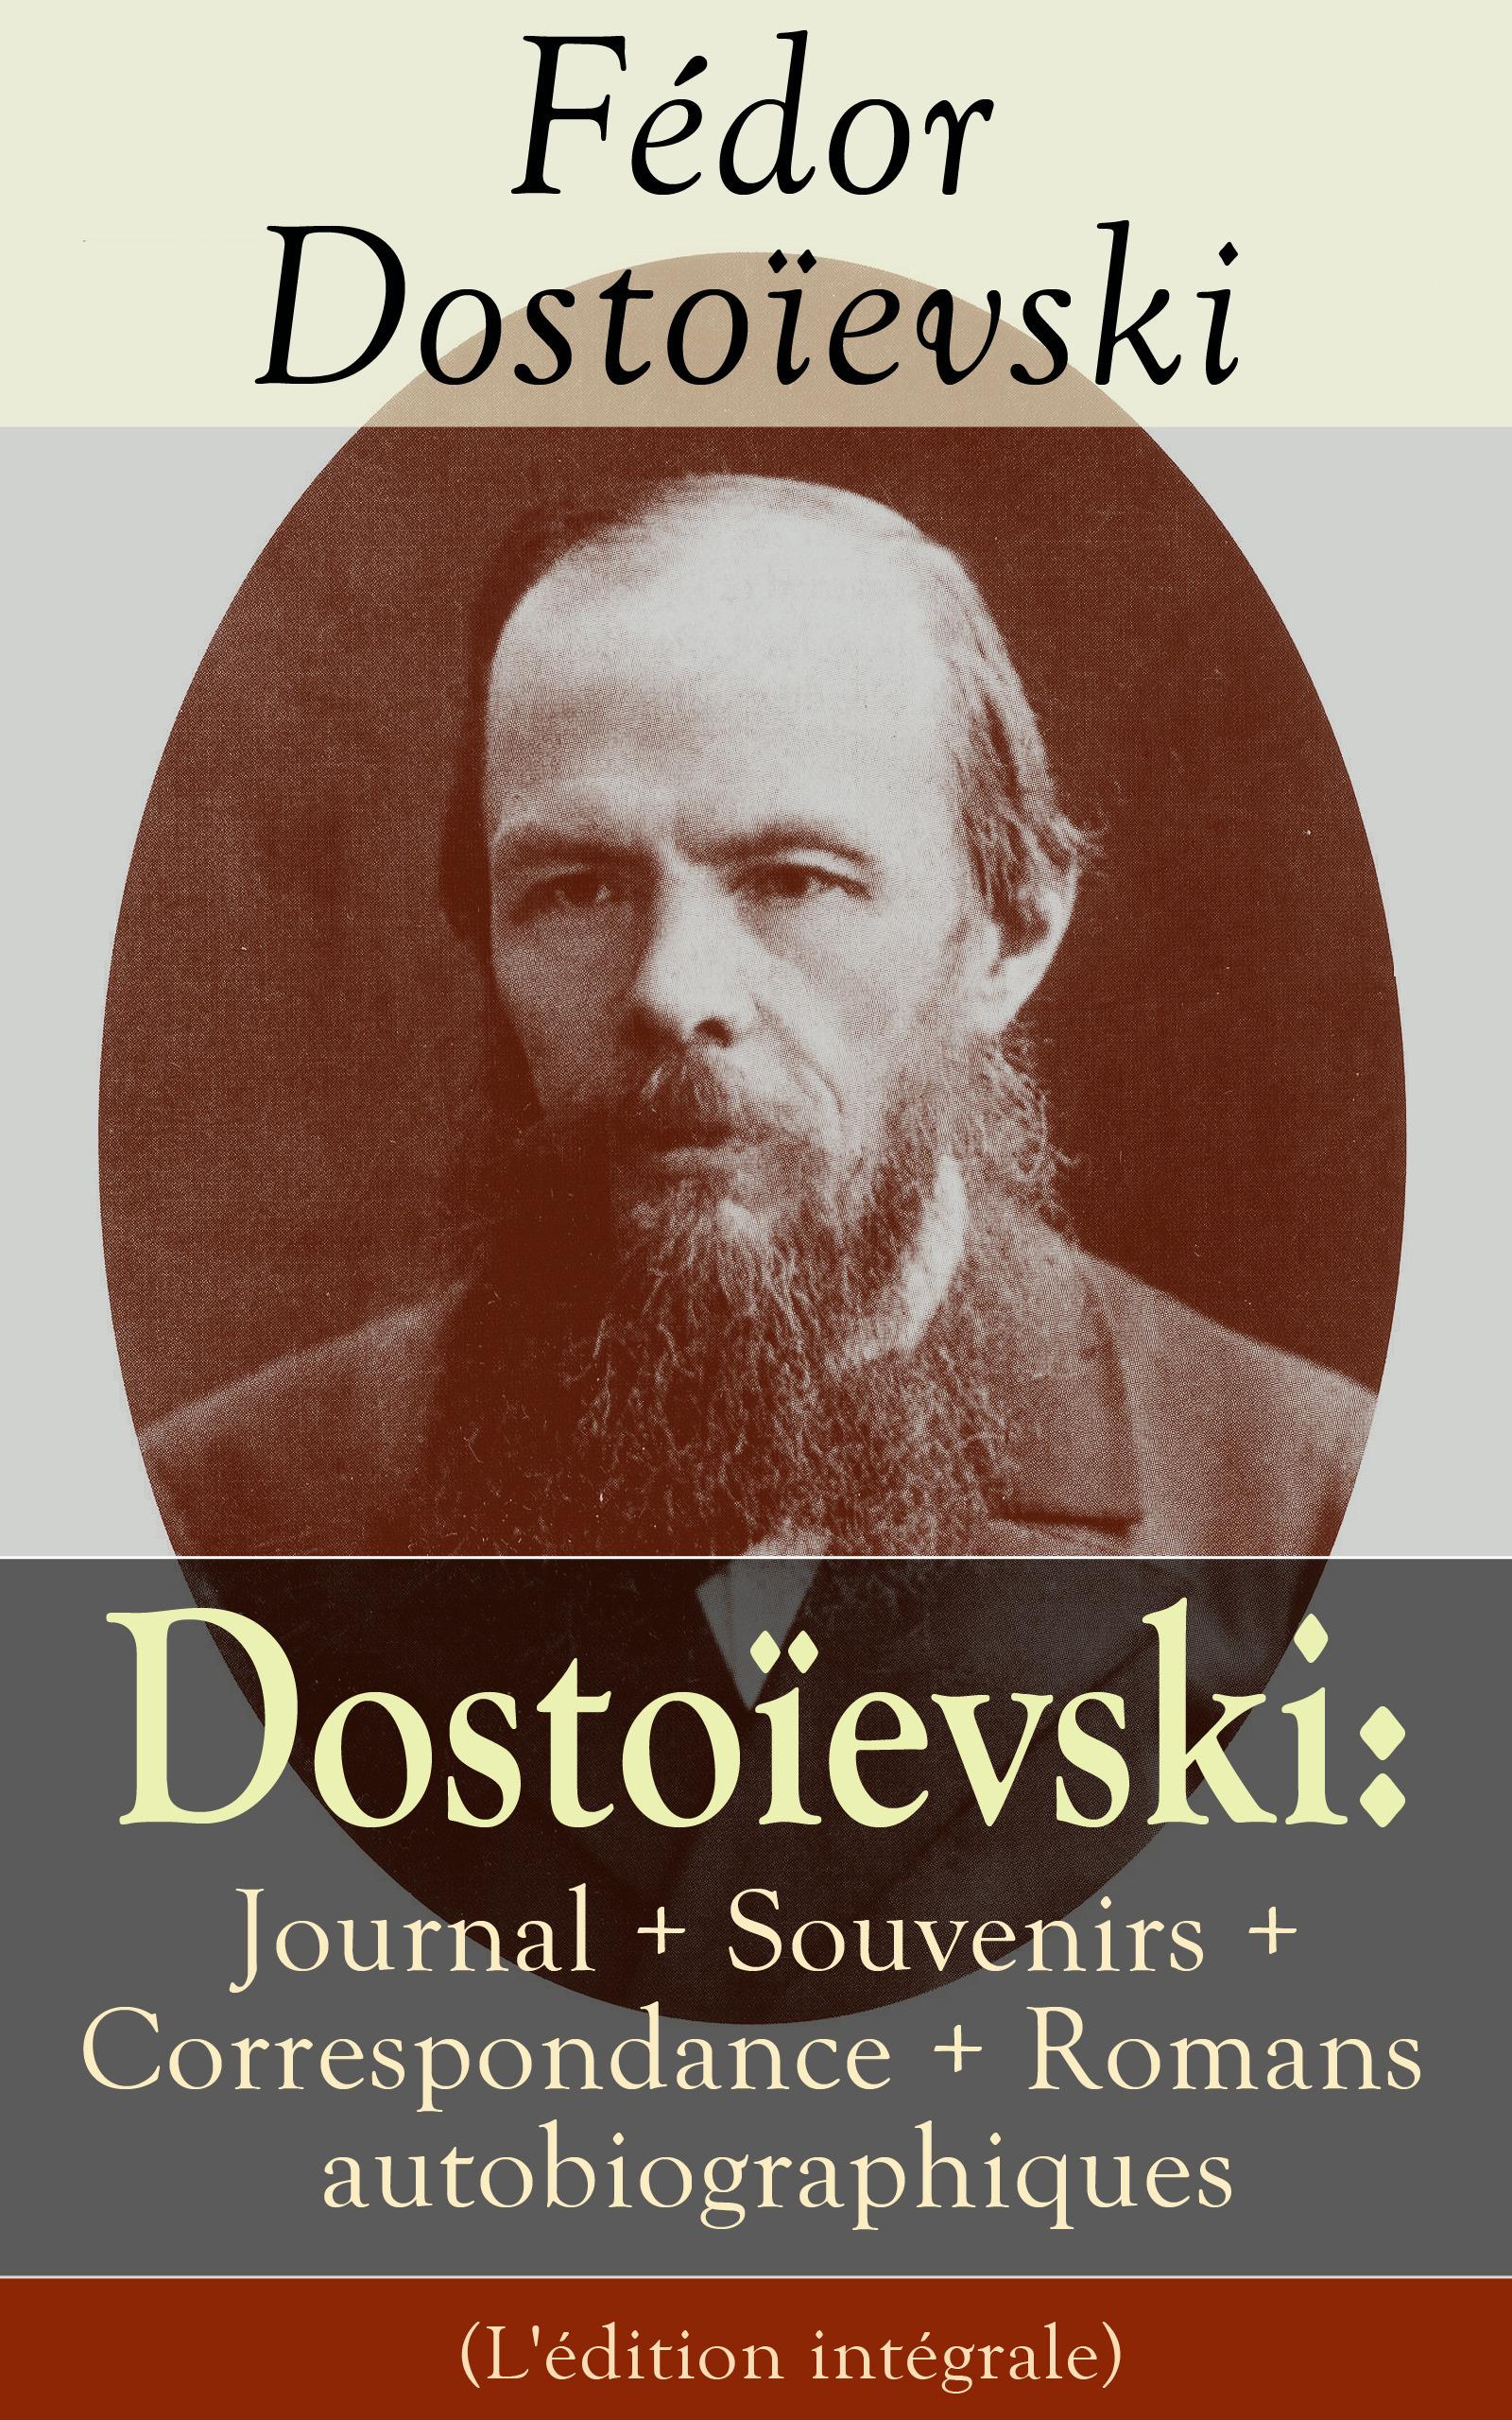 Dostoïevski: Journal + Souvenirs + Correspondance + Romans autobiographiques (L'édition intégrale)